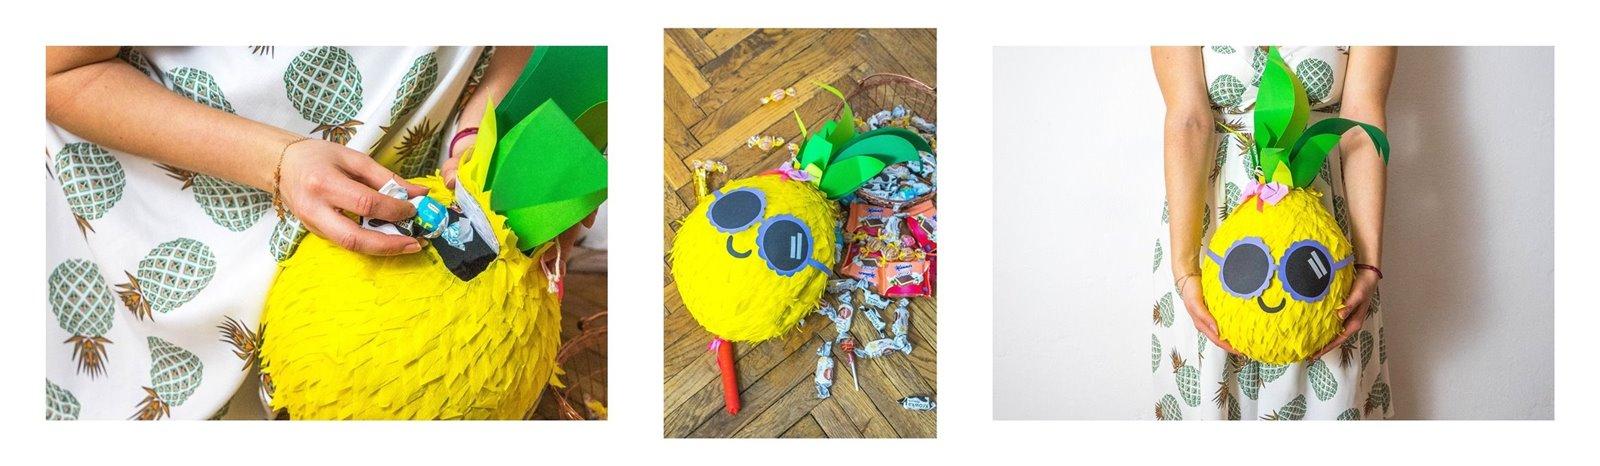 8a gdzie kupić piniatę na urodziny piniata dla dzieci cena jakośc opinie warszawa łódź kraków piniaty pomysły na urodzinowe atrakcje dla dzieci dorosłych